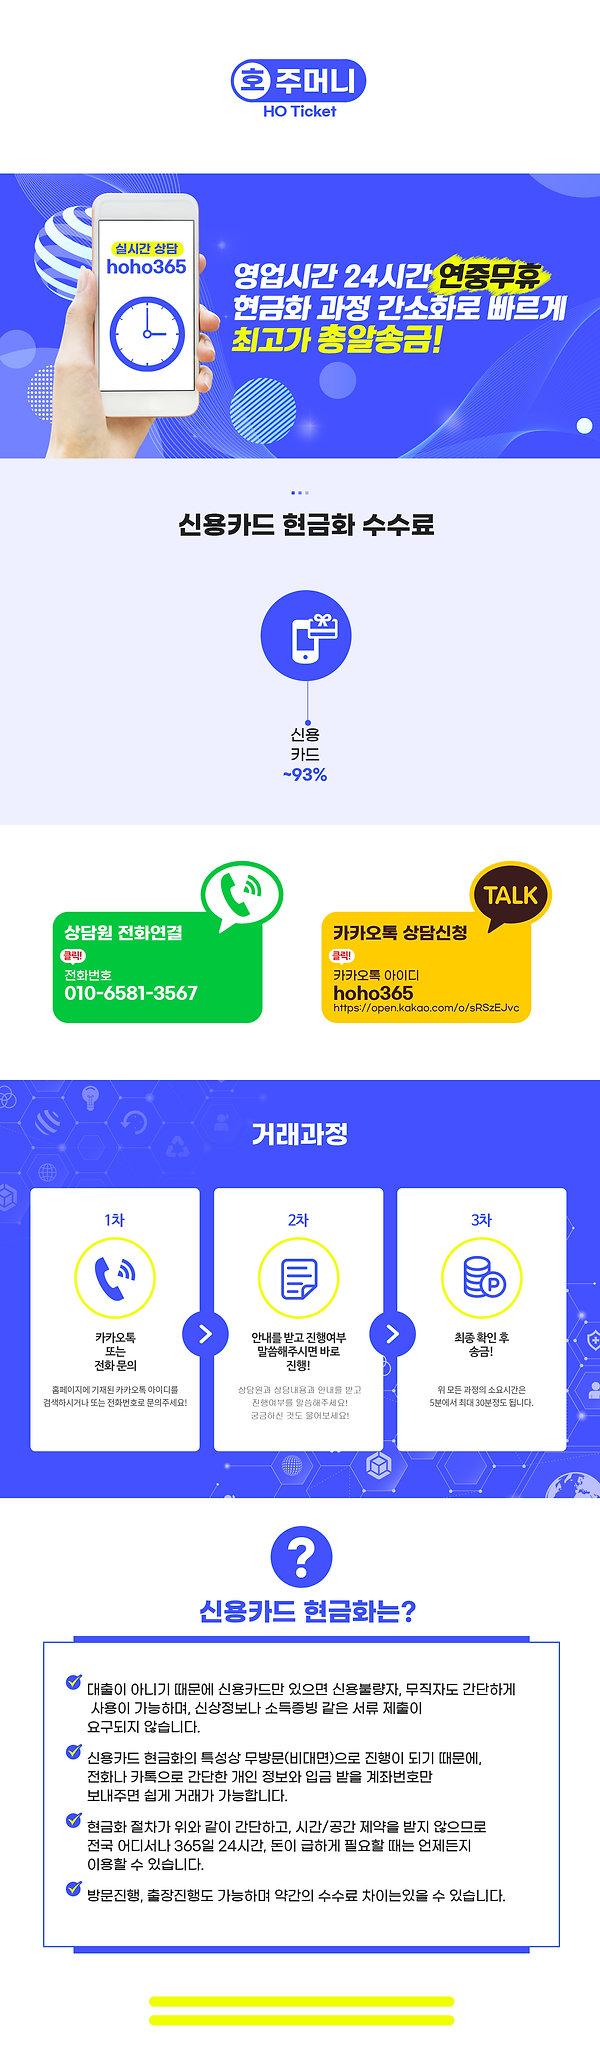 신용카드 호주머니2.jpg